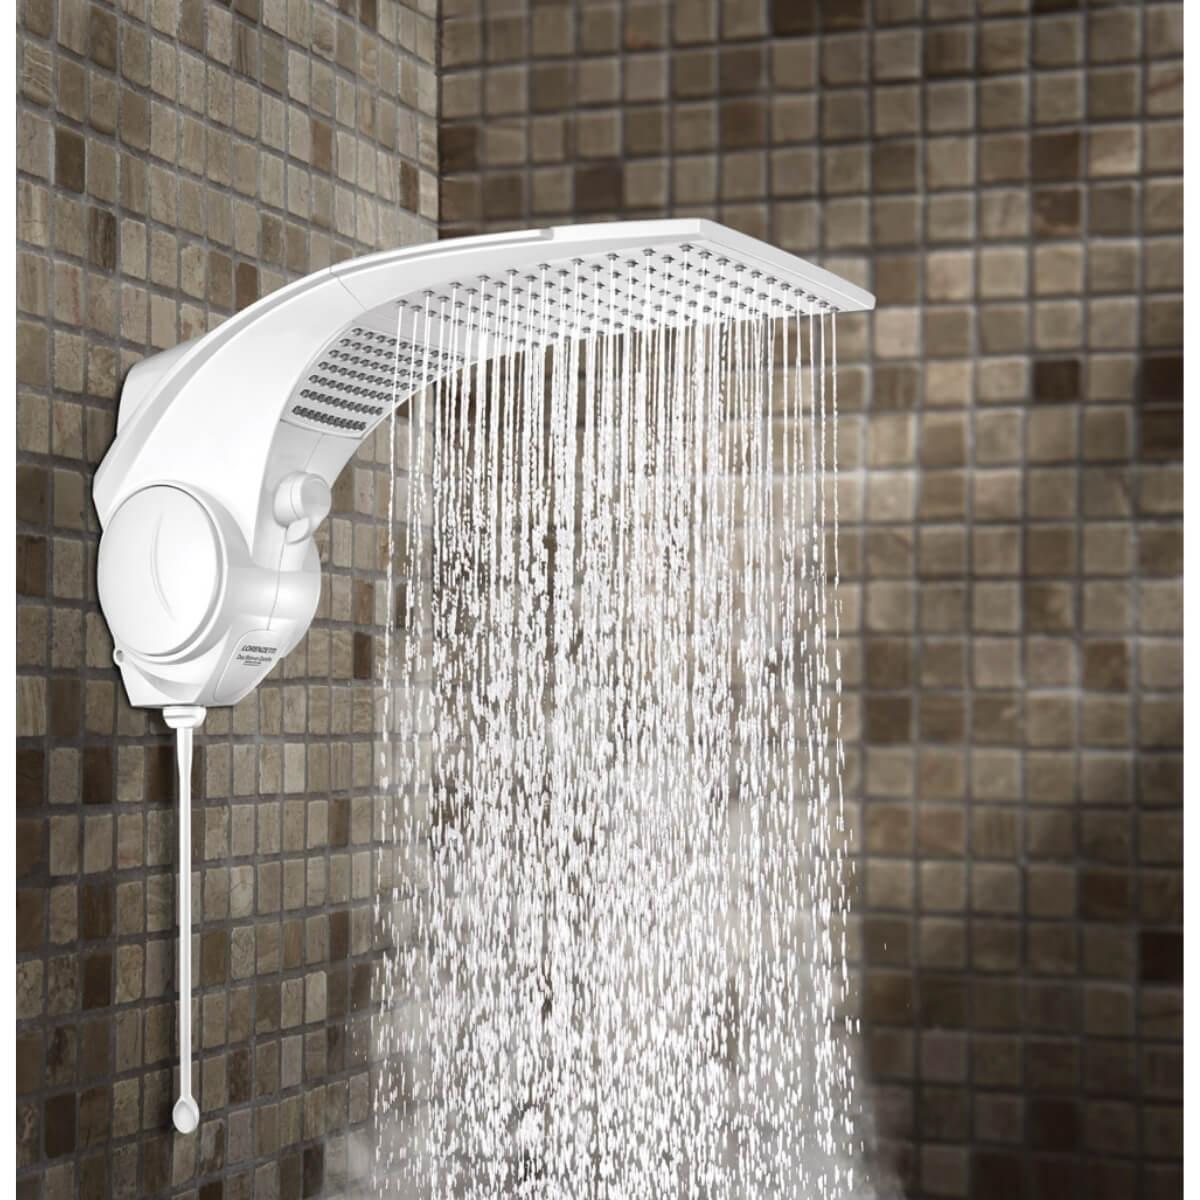 Chuveiro Lorenzetti Duo Shower Quadra Eletrônico